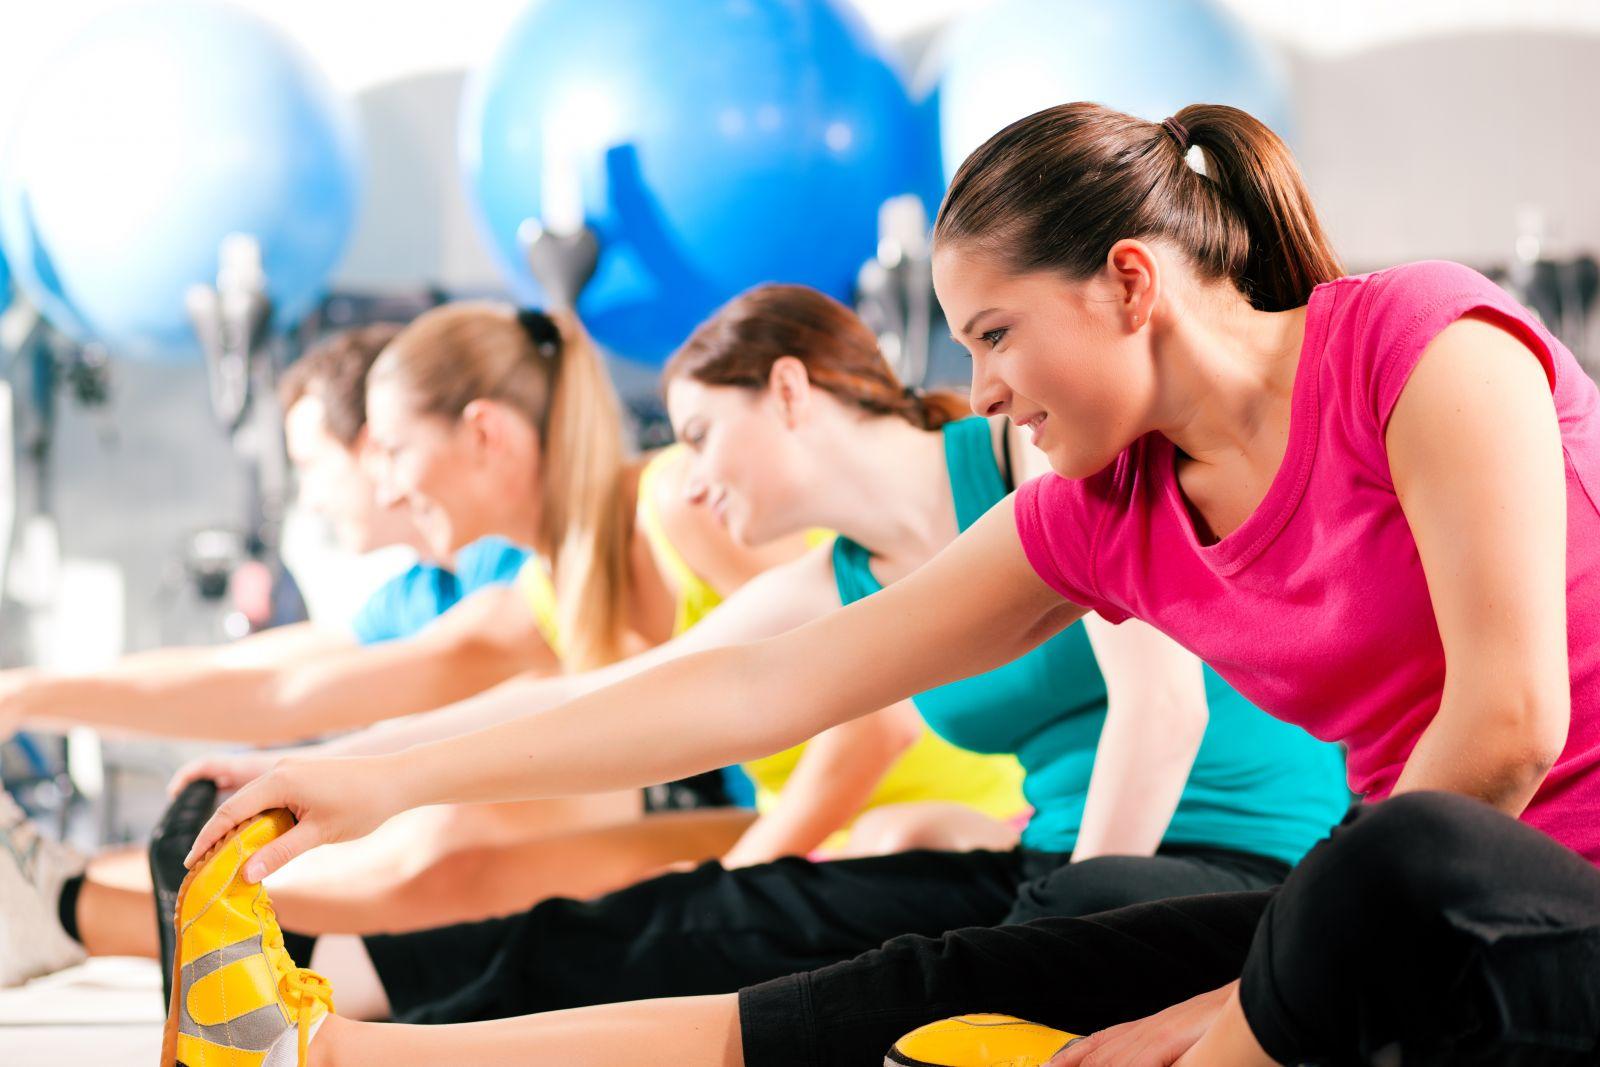 ممارسة قدر مناسب من الرياضة يقلل مخاطر الإصابة بالسرطان